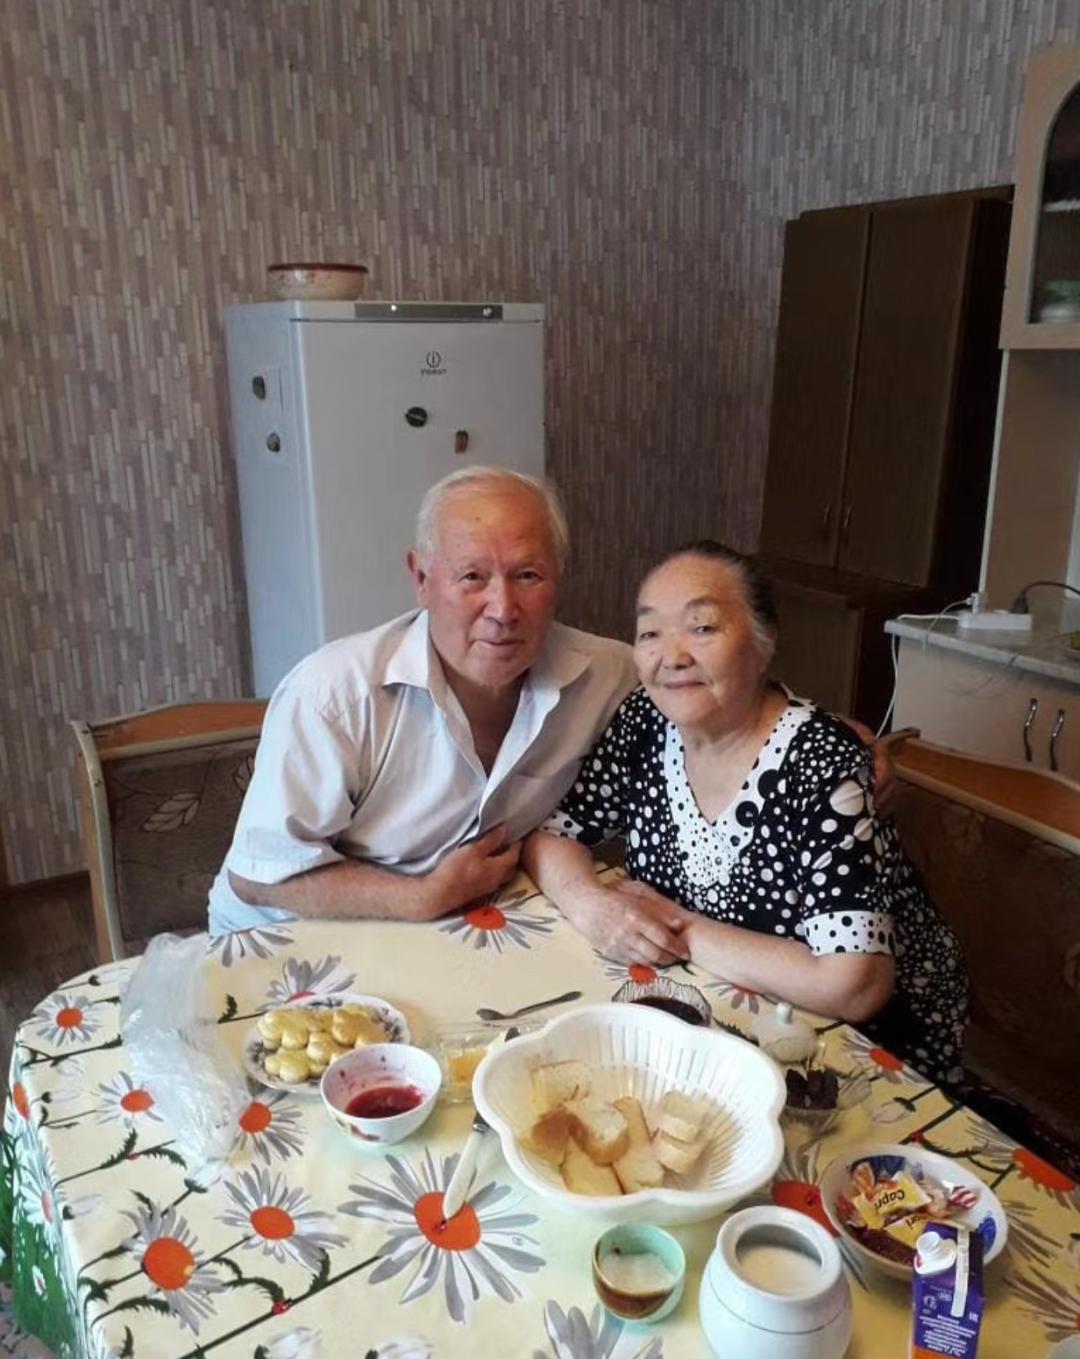 曼苏尔的父母在餐桌边的合影 图片来源:受访者提供